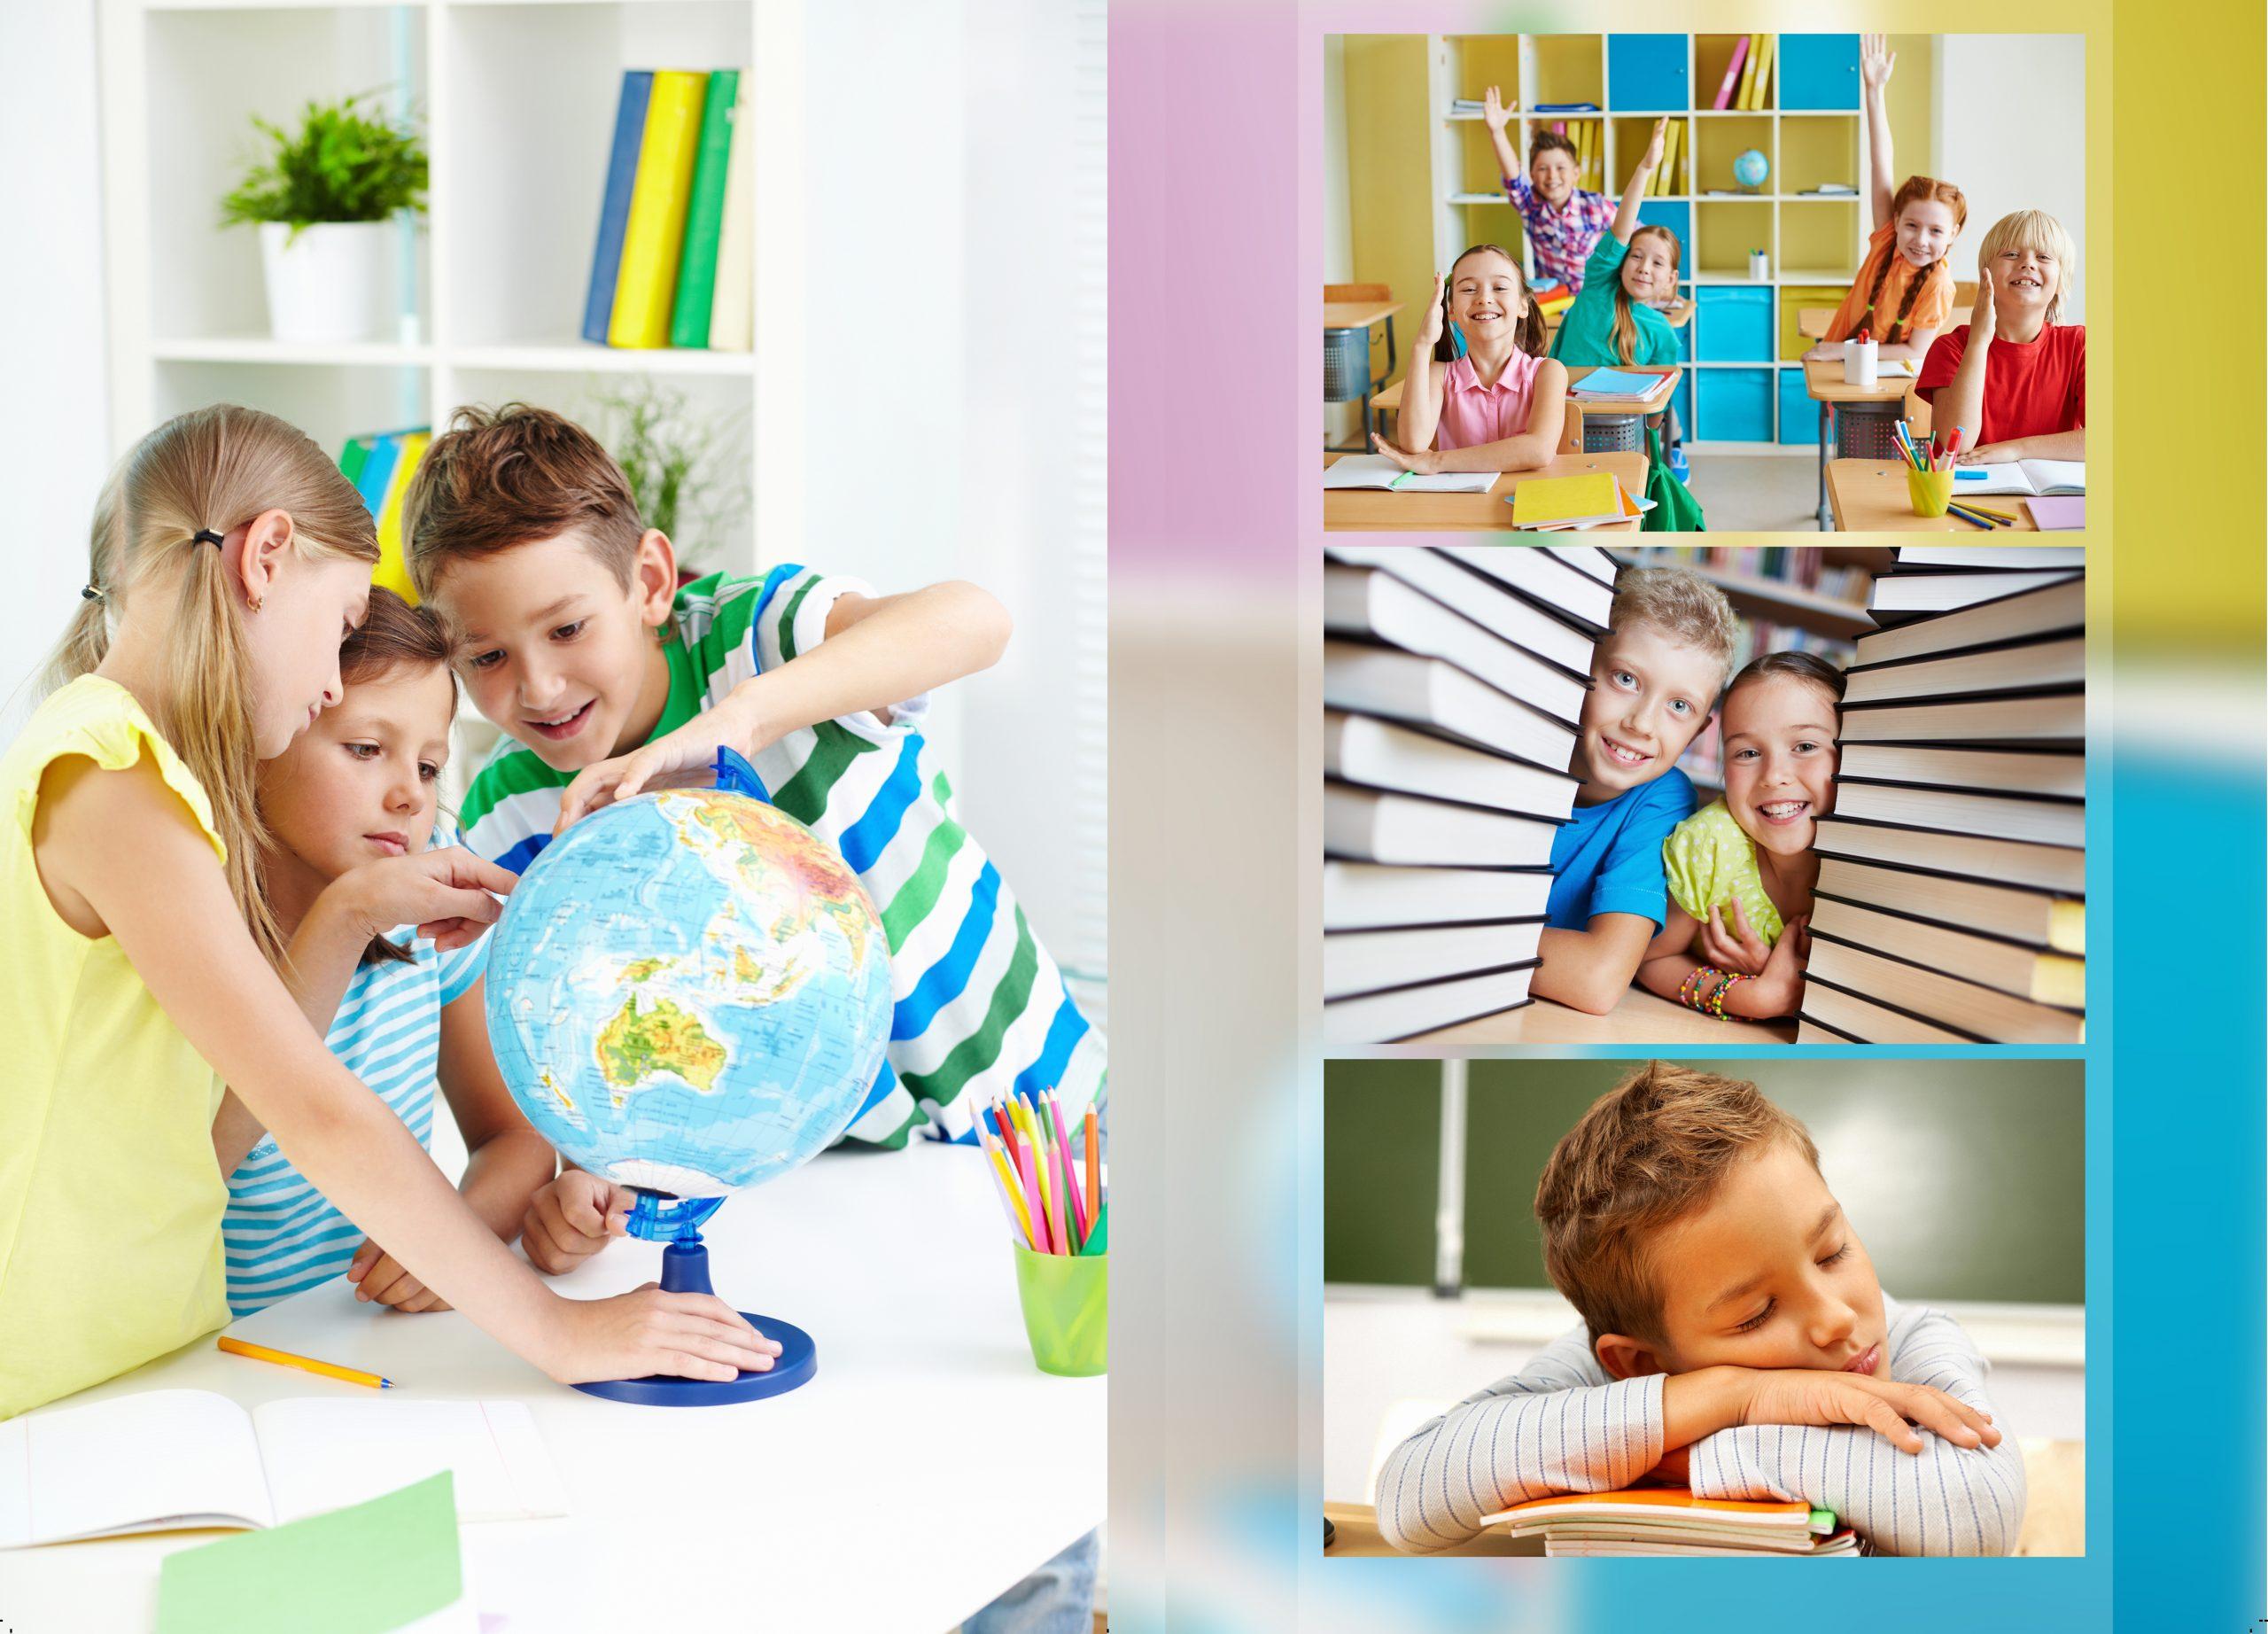 фотоальбом для детского садика Симферополь